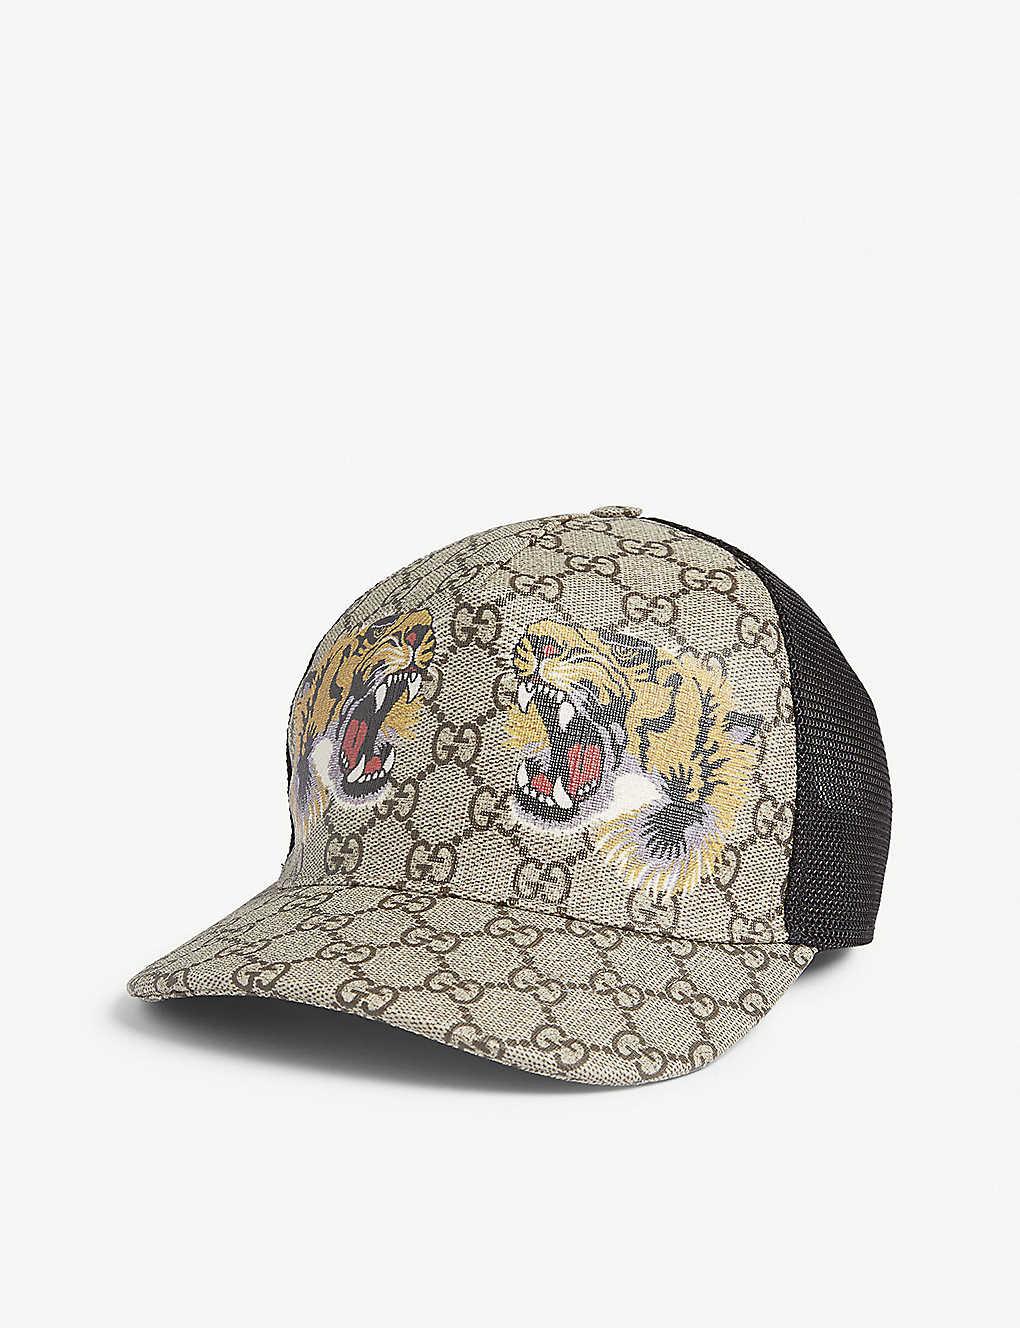 GUCCI - Tiger baseball cap  8c6e9baf8aa